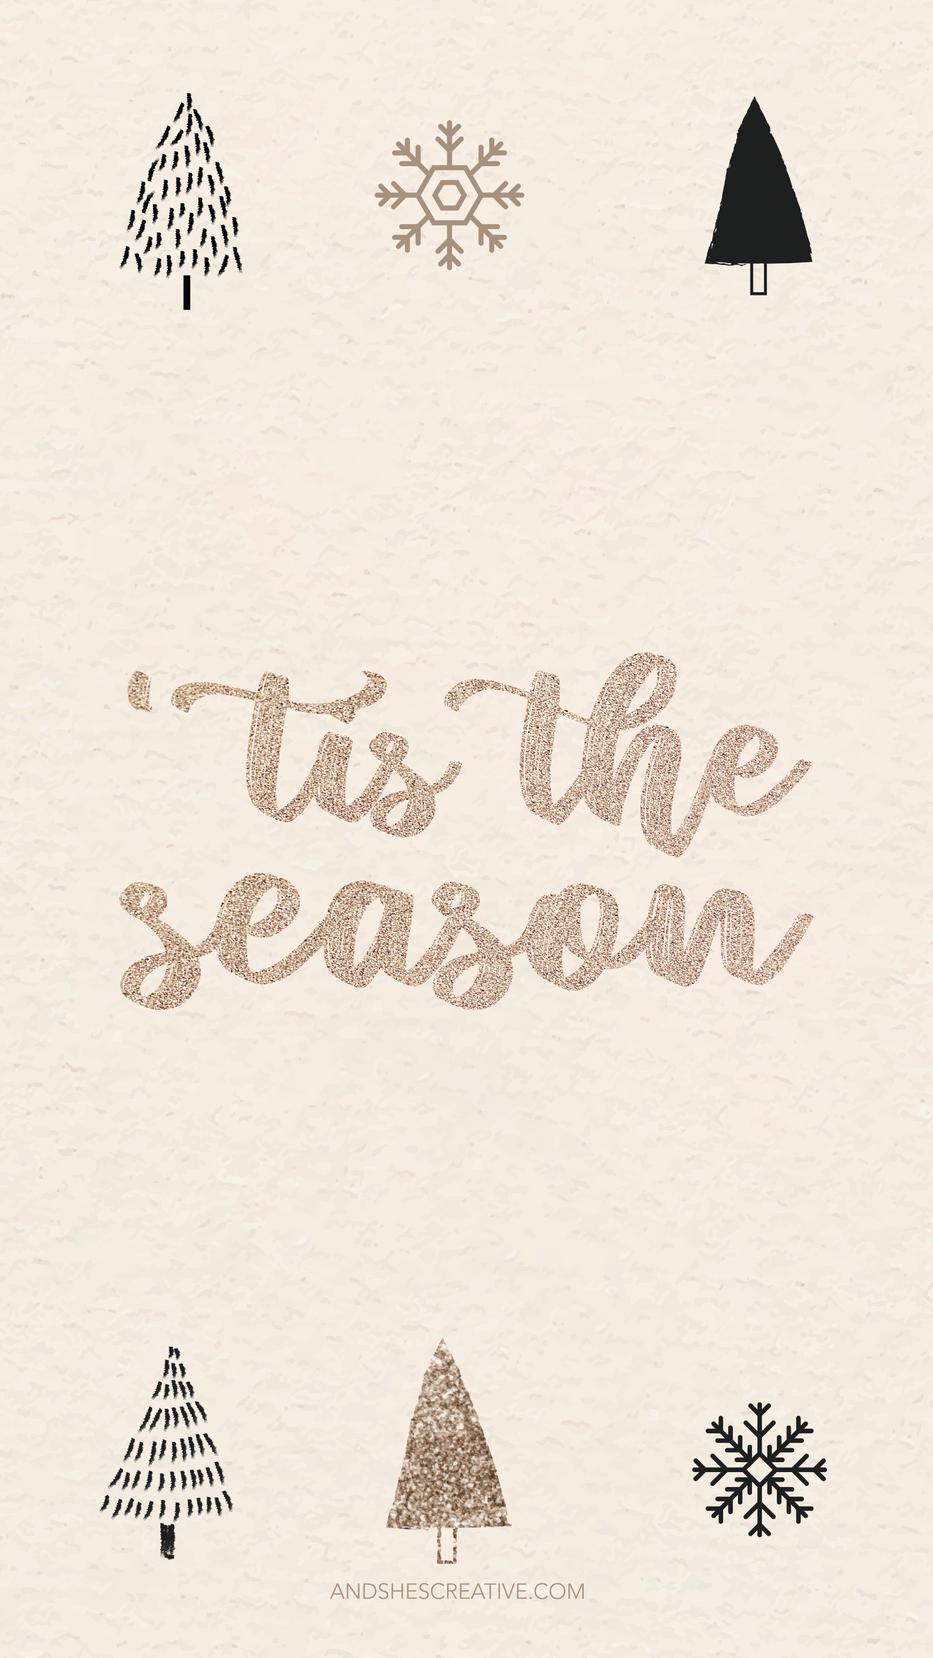 Tis the Season Mobile Background